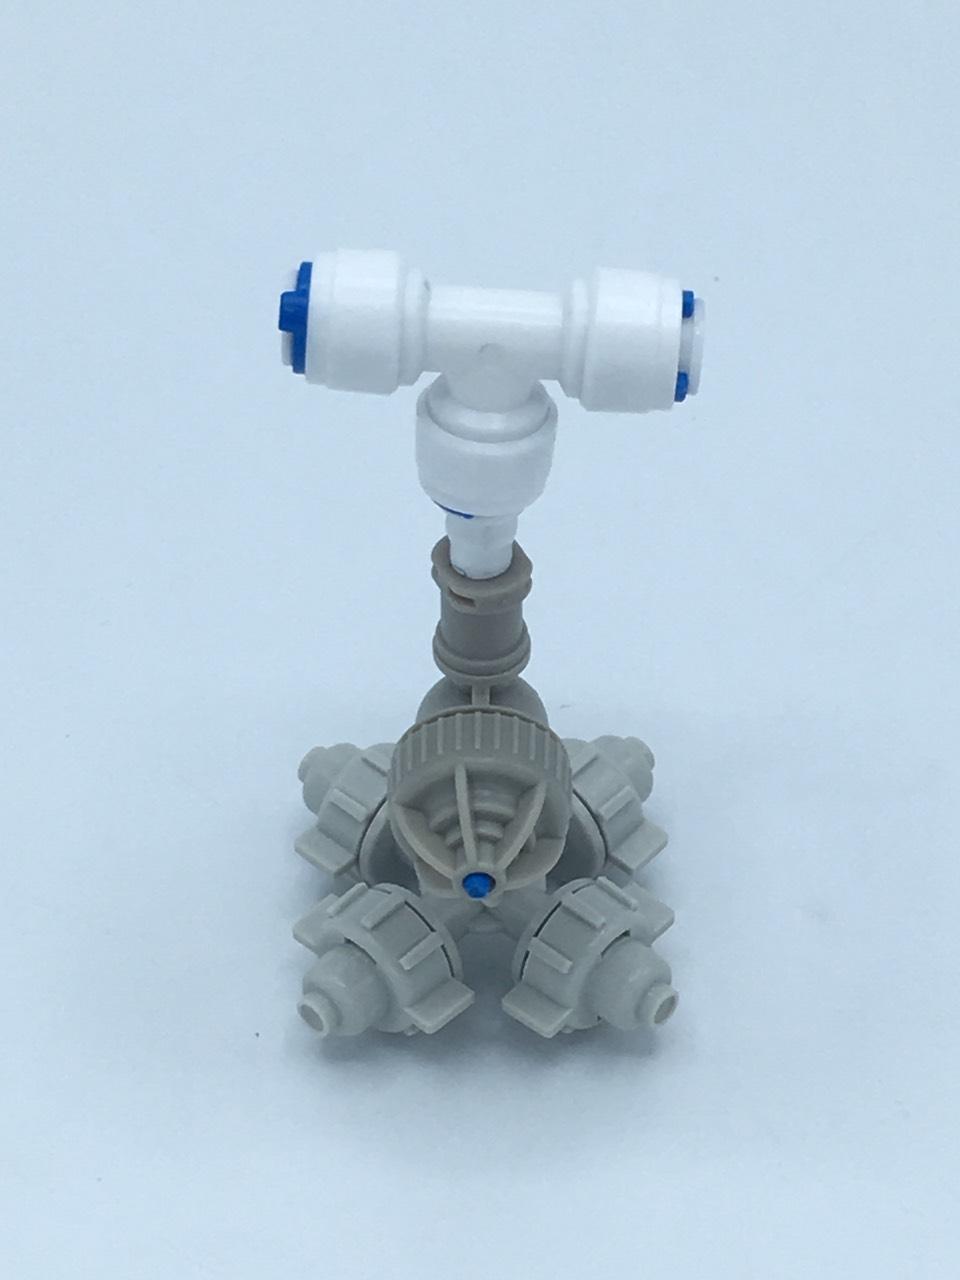 หัวพ่นหมอกเนต้าฟิล์ม 4 ทาง 0.6 mm. + ข้อต่อ 3 ทาง เสียบสาย 6 mm.